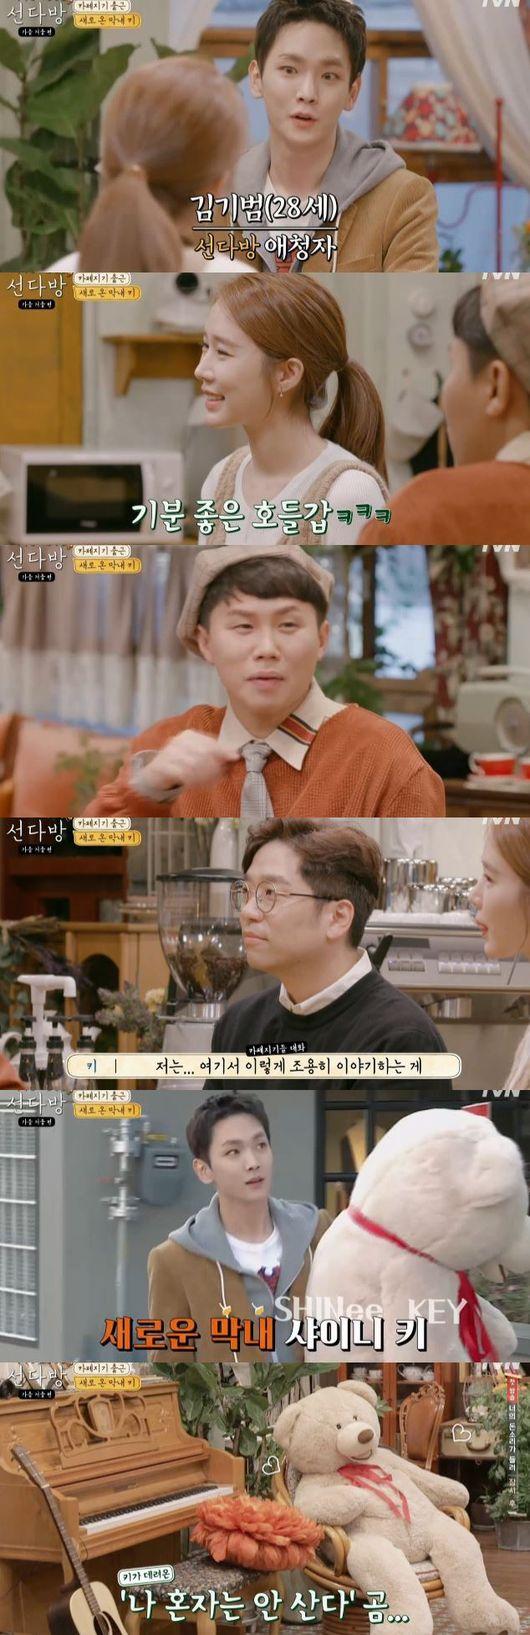 선다방 샤이니 키, 애청자+♥큐피드 입증한 新카페지기 [어저께TV]